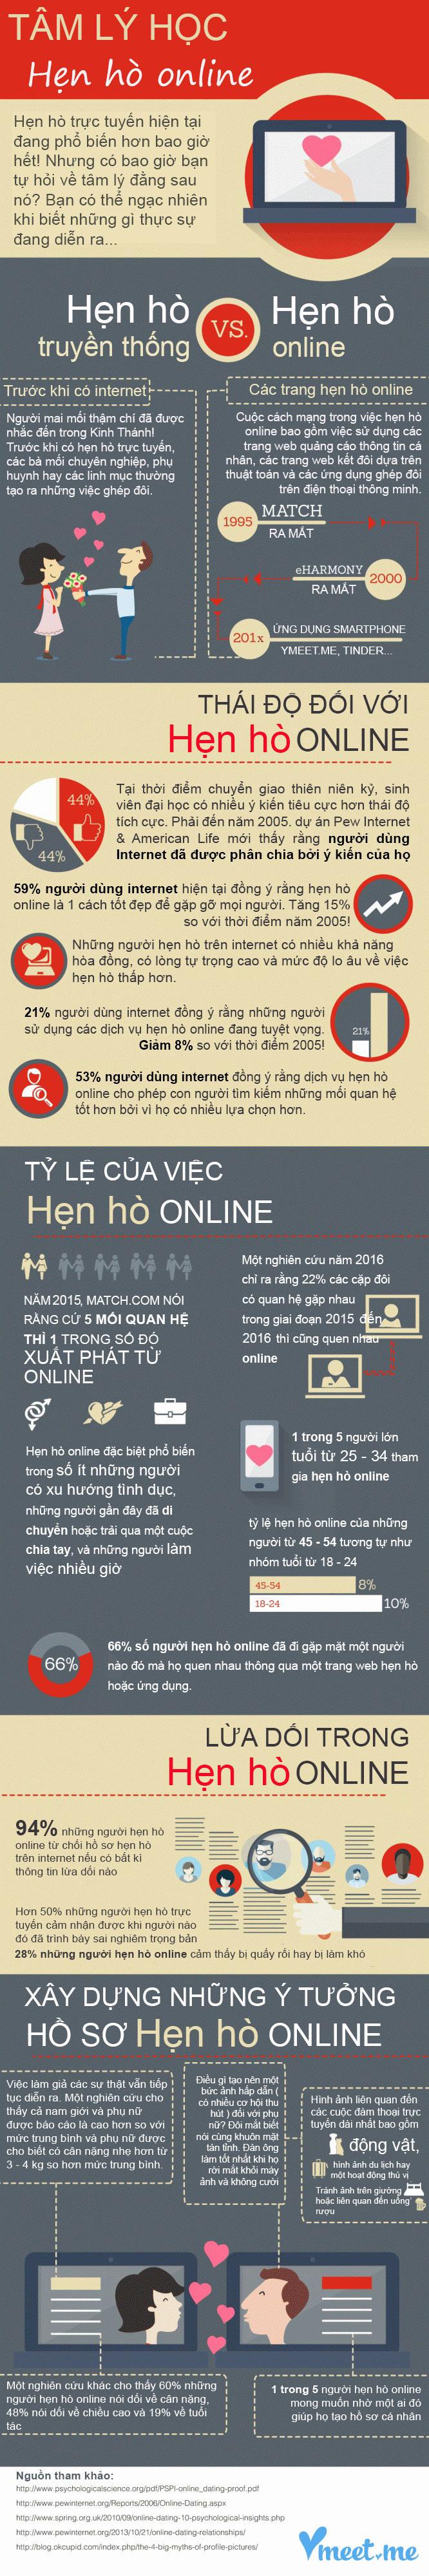 tam-ly-hoc-hen-ho-online